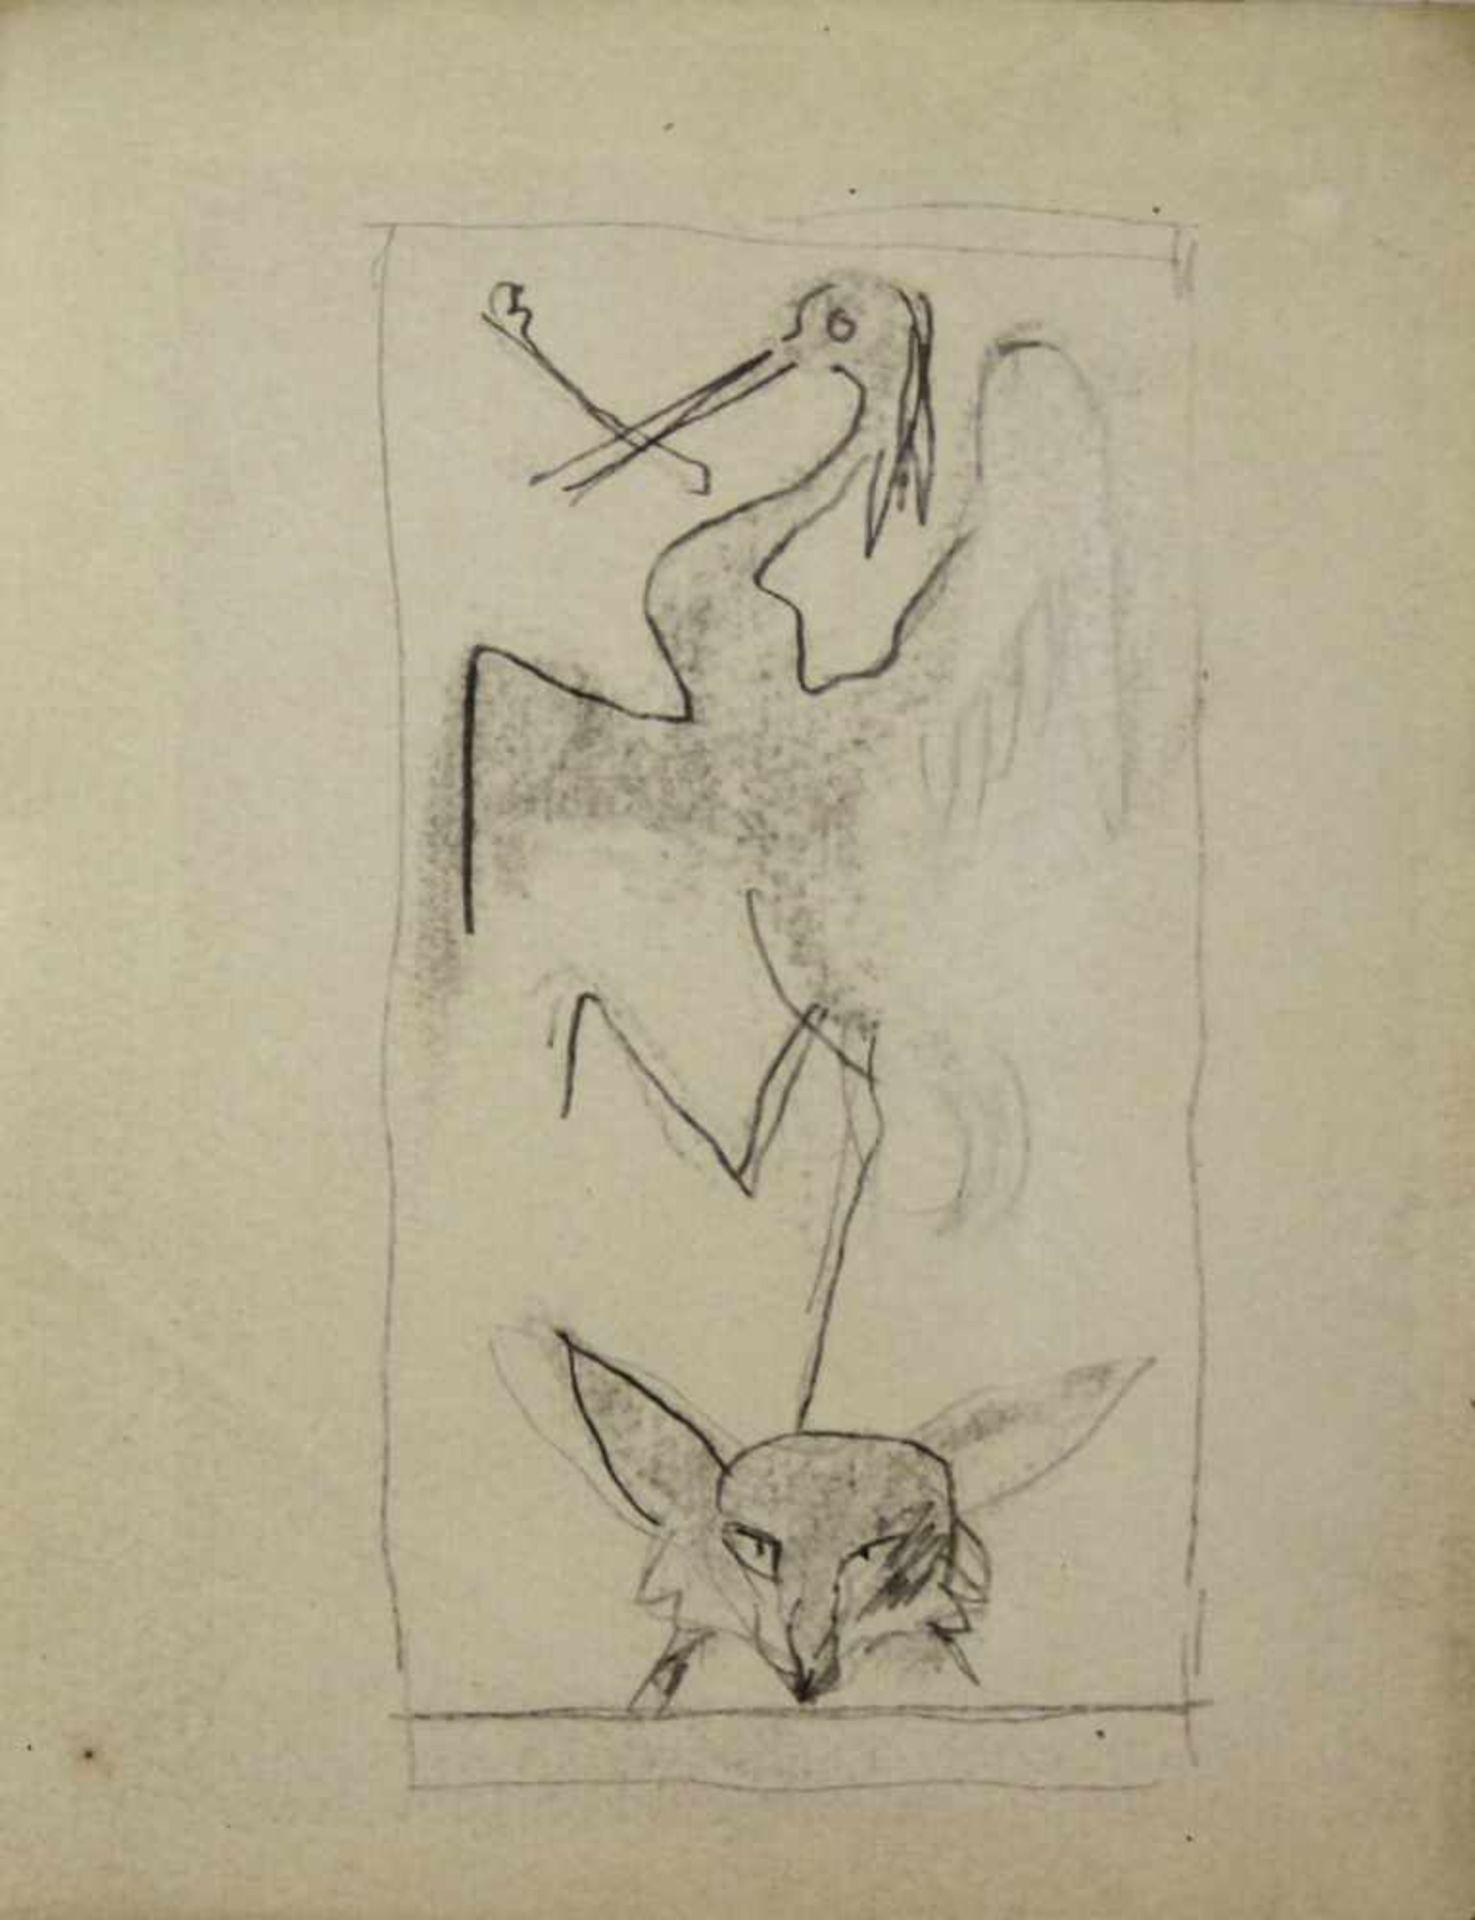 Ludwig Heinrich Jungnickel 1881-1965 Reier & Fuchs Graphit 16 x 12,5